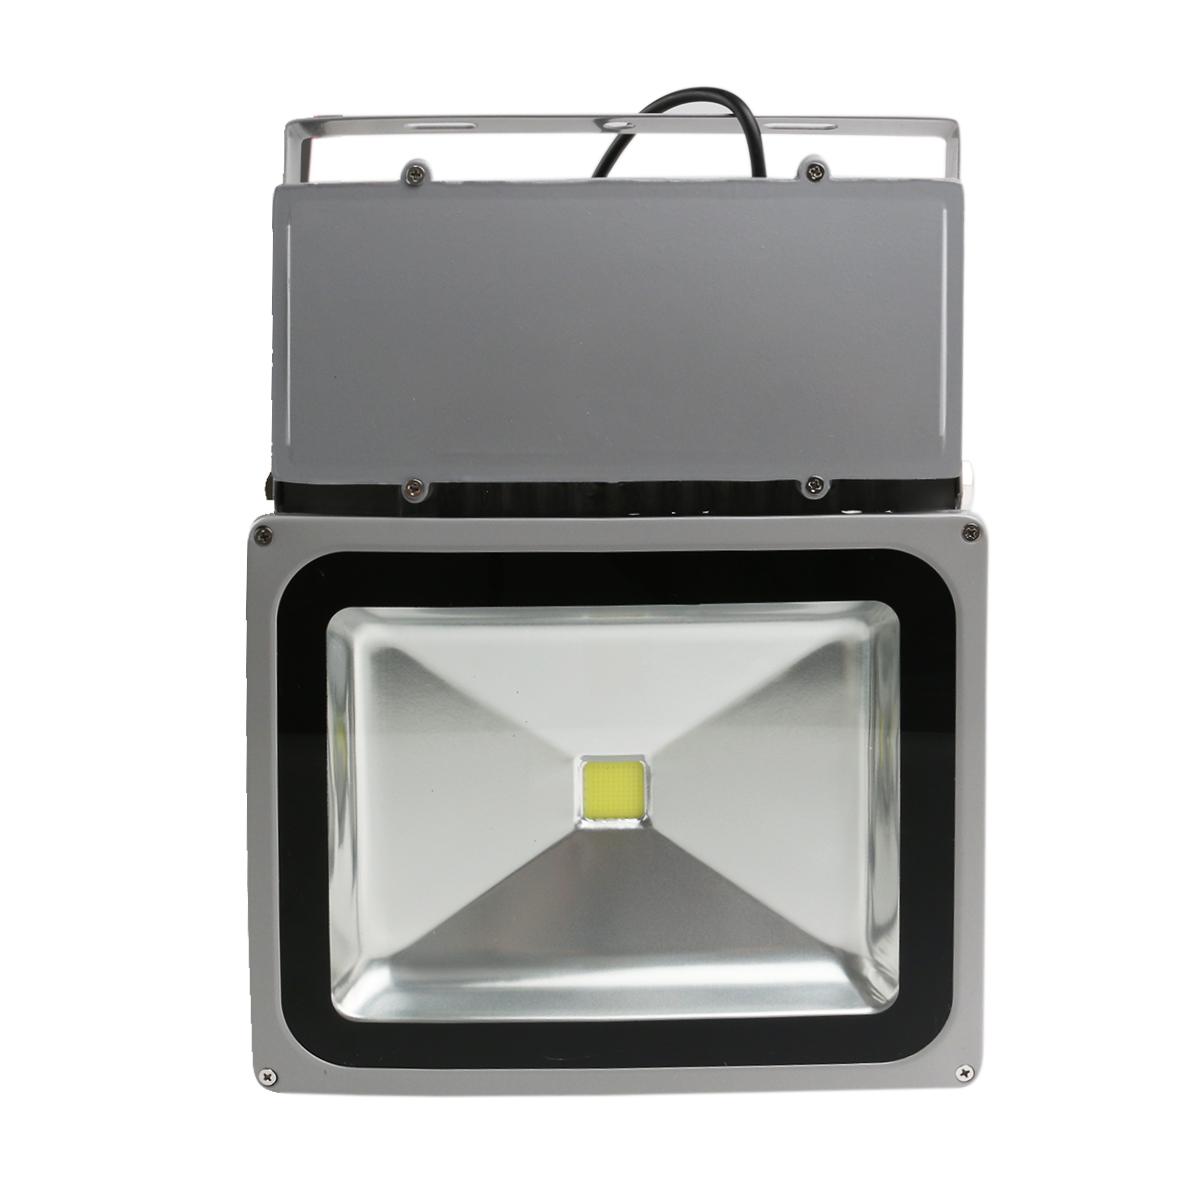 Здесь можно купить  100W AC 85V-265V 6000K-7000K Waterproof Outdoor Security LED Spotlight Flood Light Lamp (Cool White)  Свет и освещение